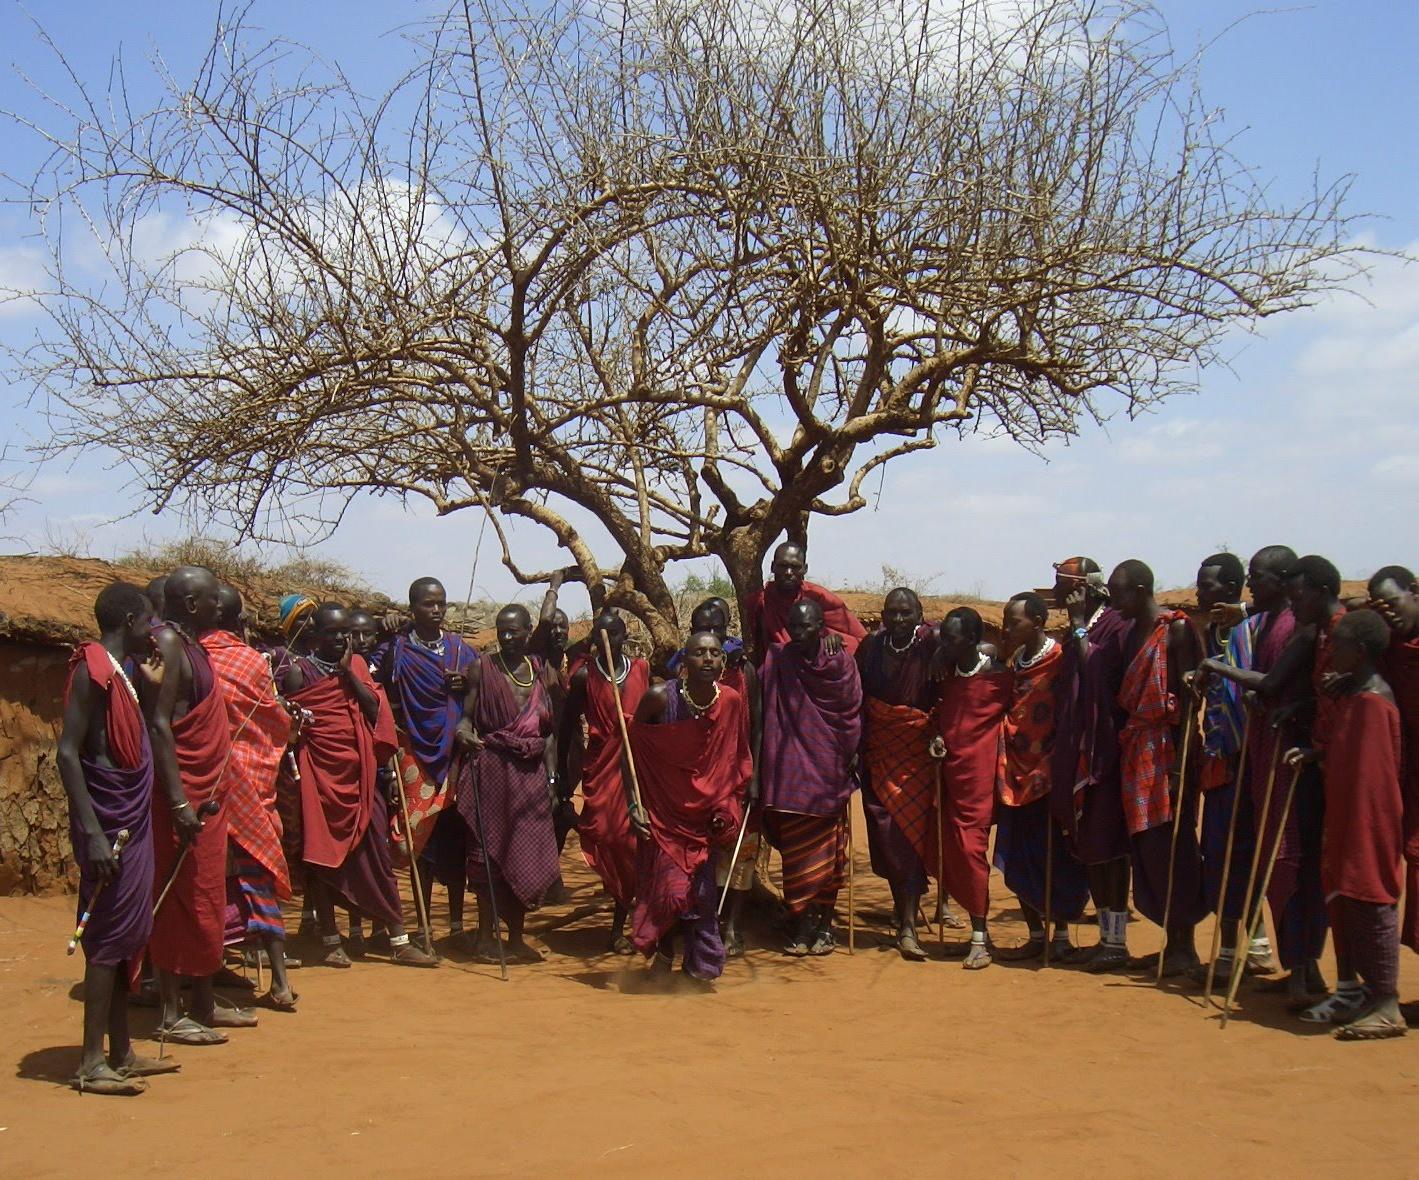 Конечно я понимаю, что уже 15 лет назад посещение масайской деревни имел налет туристического аттракциона. И мы заплатили деньги вождю за это. И это не этнографическое наблюдение.Но впечатления были незабываемыми.Жаркое нещадящее солнце. Жалкие акации не столько дающие тень, сколько мешающие фотографировать, перечеркивая кадр графичными штрихами. Запах глины, лёгкая, как пудра, красная пыль. Осторожные глаза девушек. Любопытные и озорные детские. А прыжки! Неожиданно, с места взлетали вверх, словно ими стреляли из-под земли